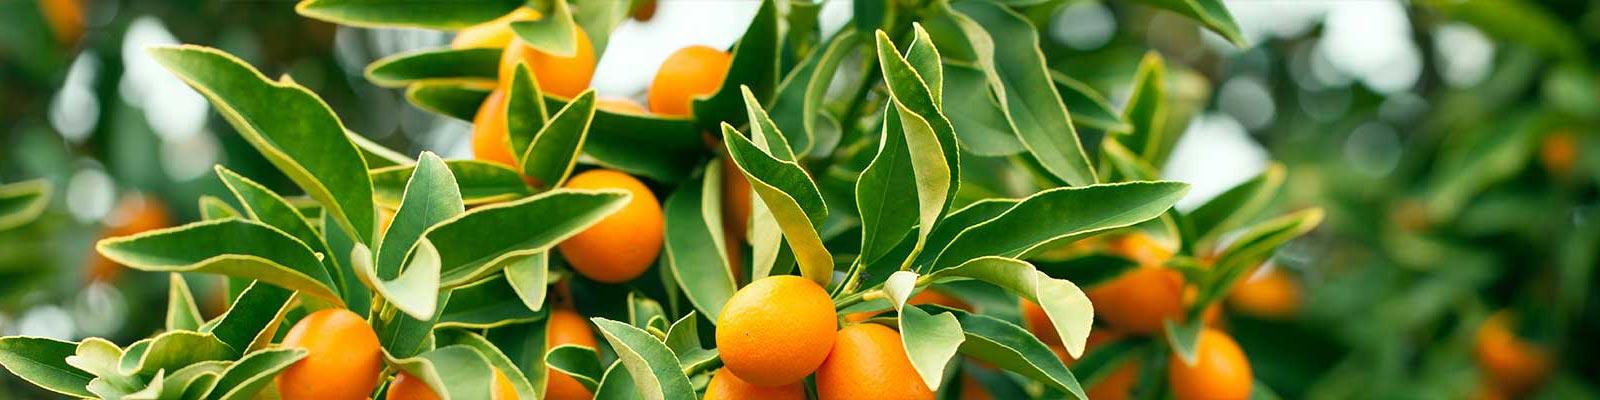 Produzione Piante Da Frutto : Coltivazione produzione alberi da frutto piante